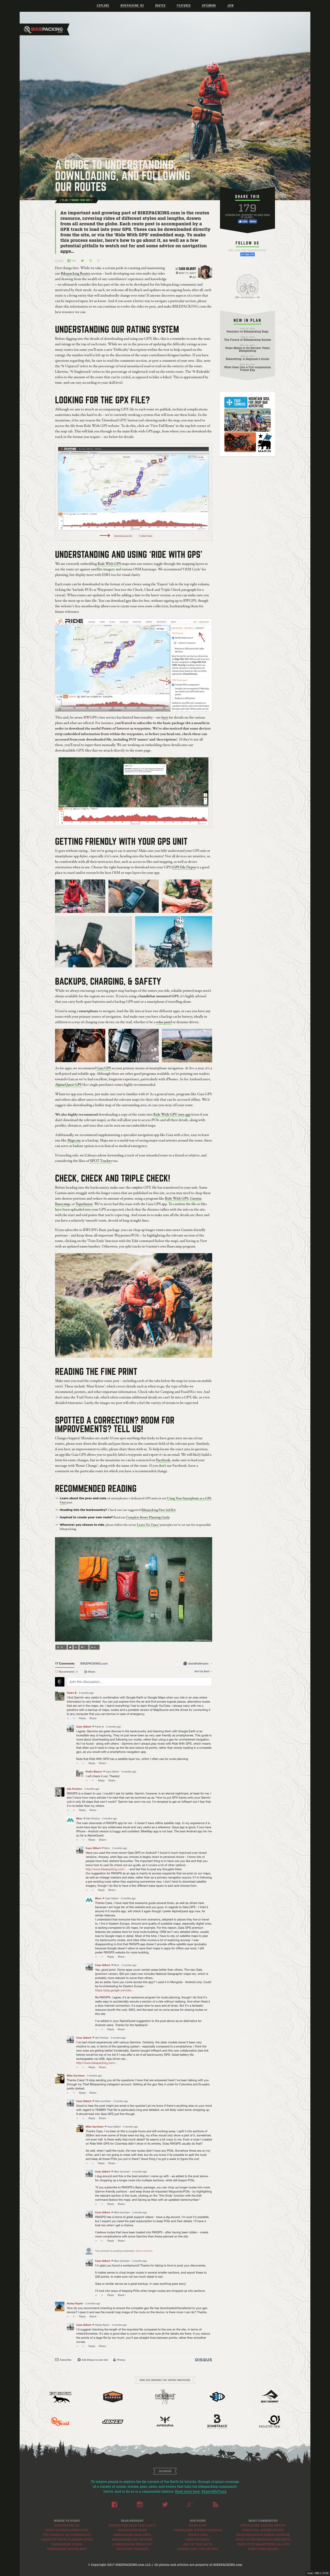 Bikepacking 03